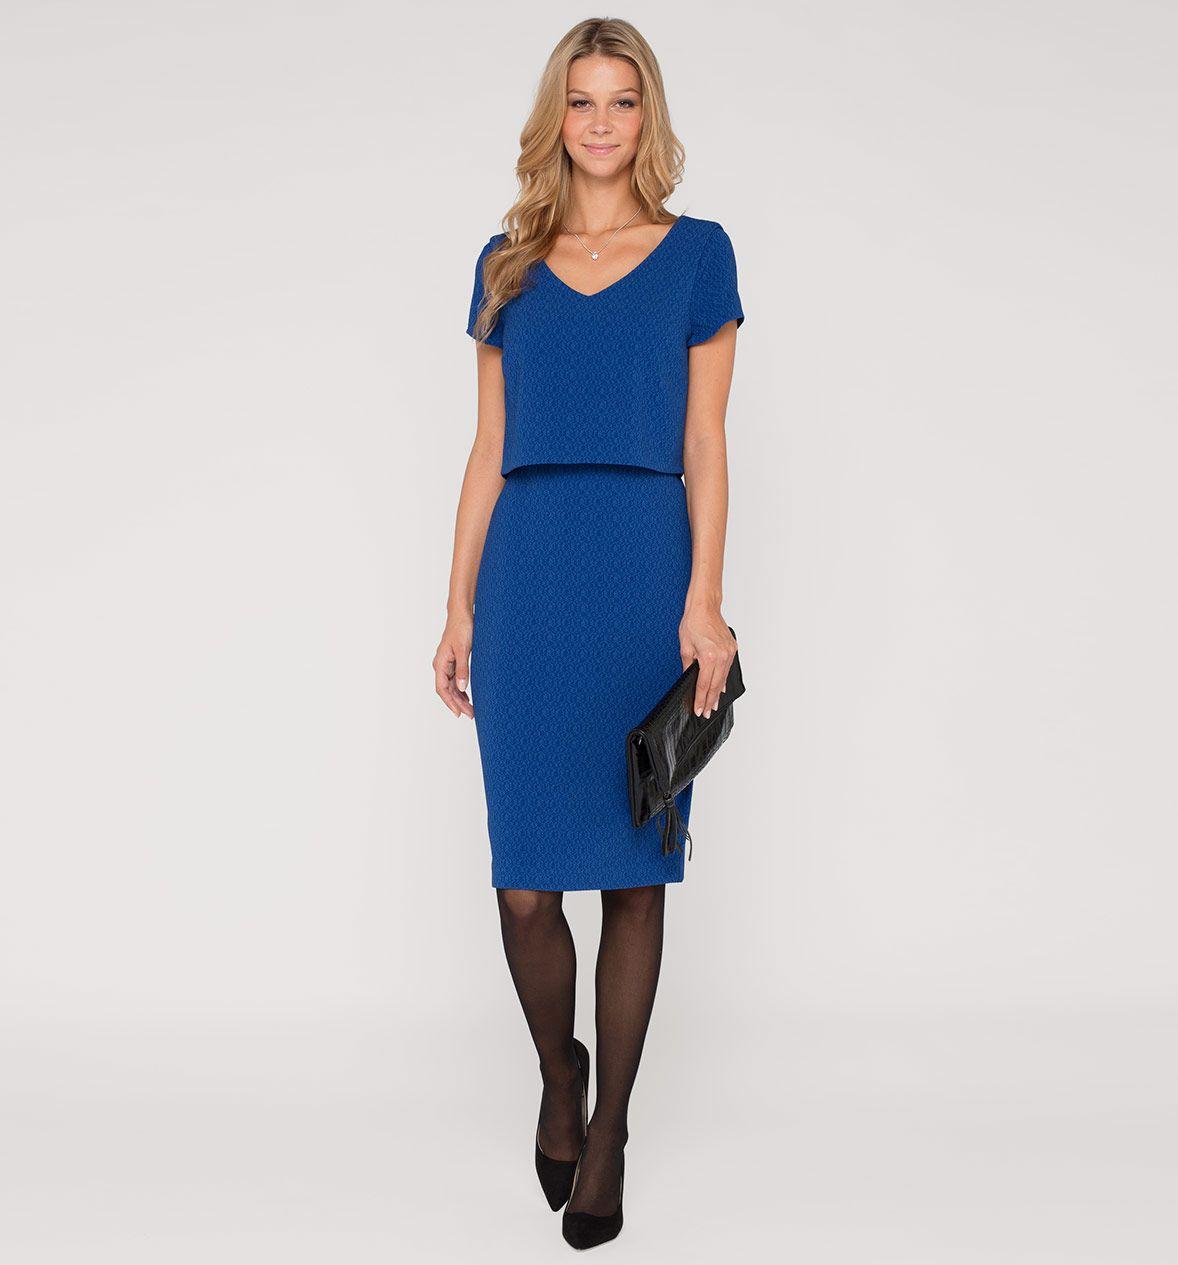 Оболочка платье в синий | Платья, Синий